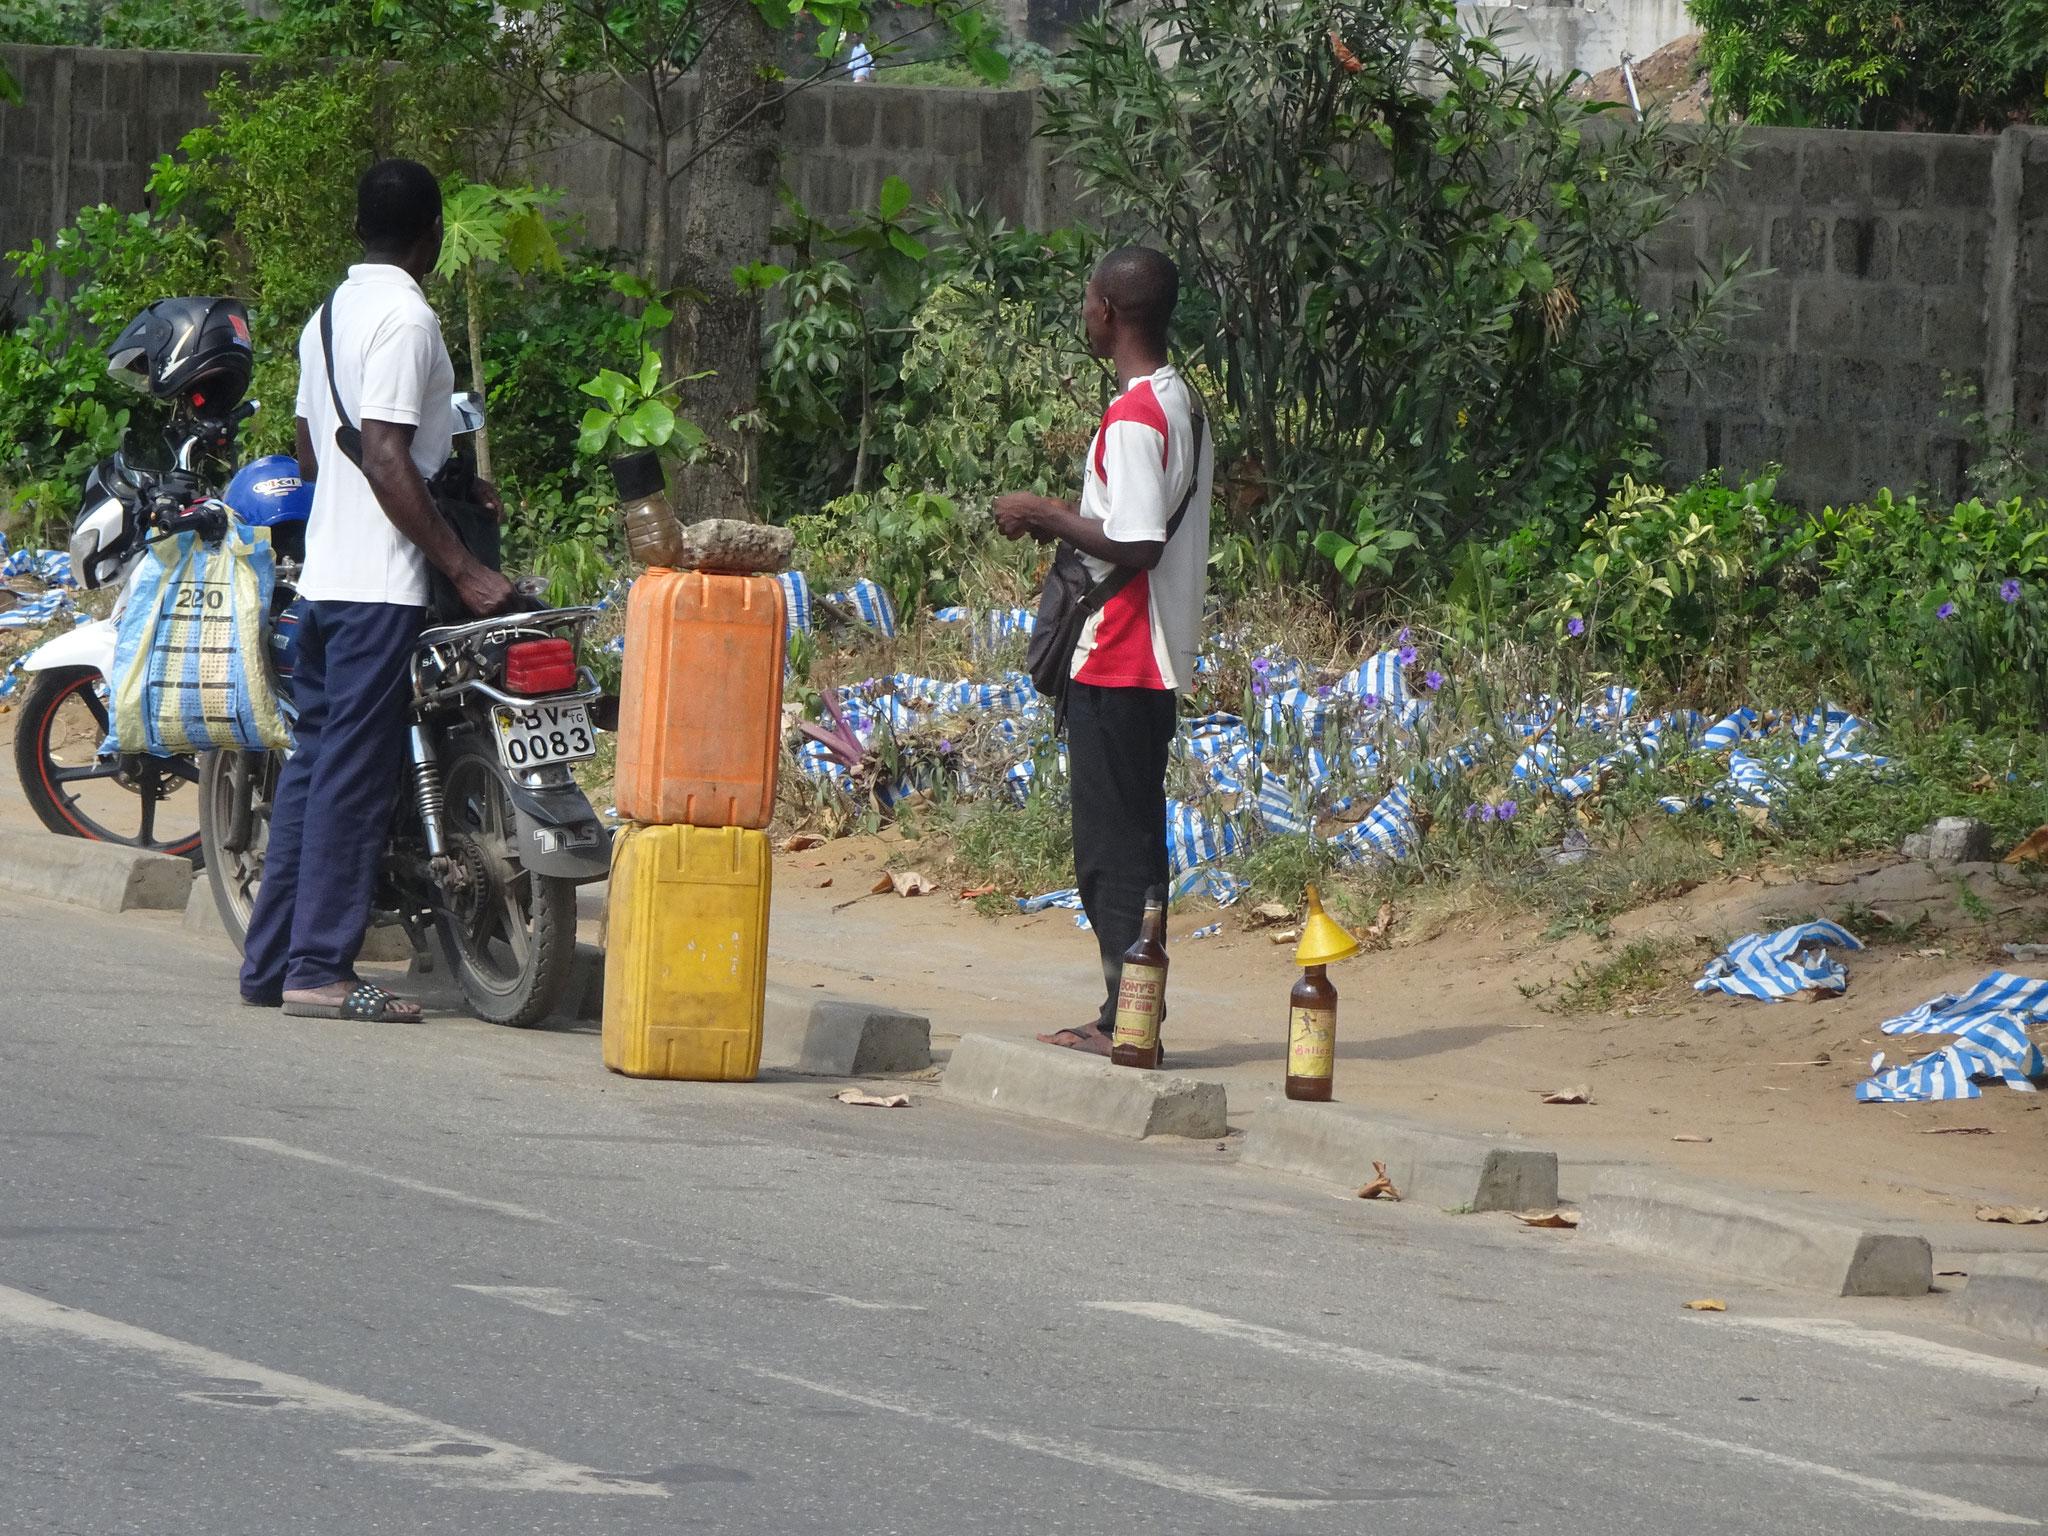 Anstelle der Pflanzen wird nun Schwarzmarkt Benzin aus Biafra (Nigeria) verkauft